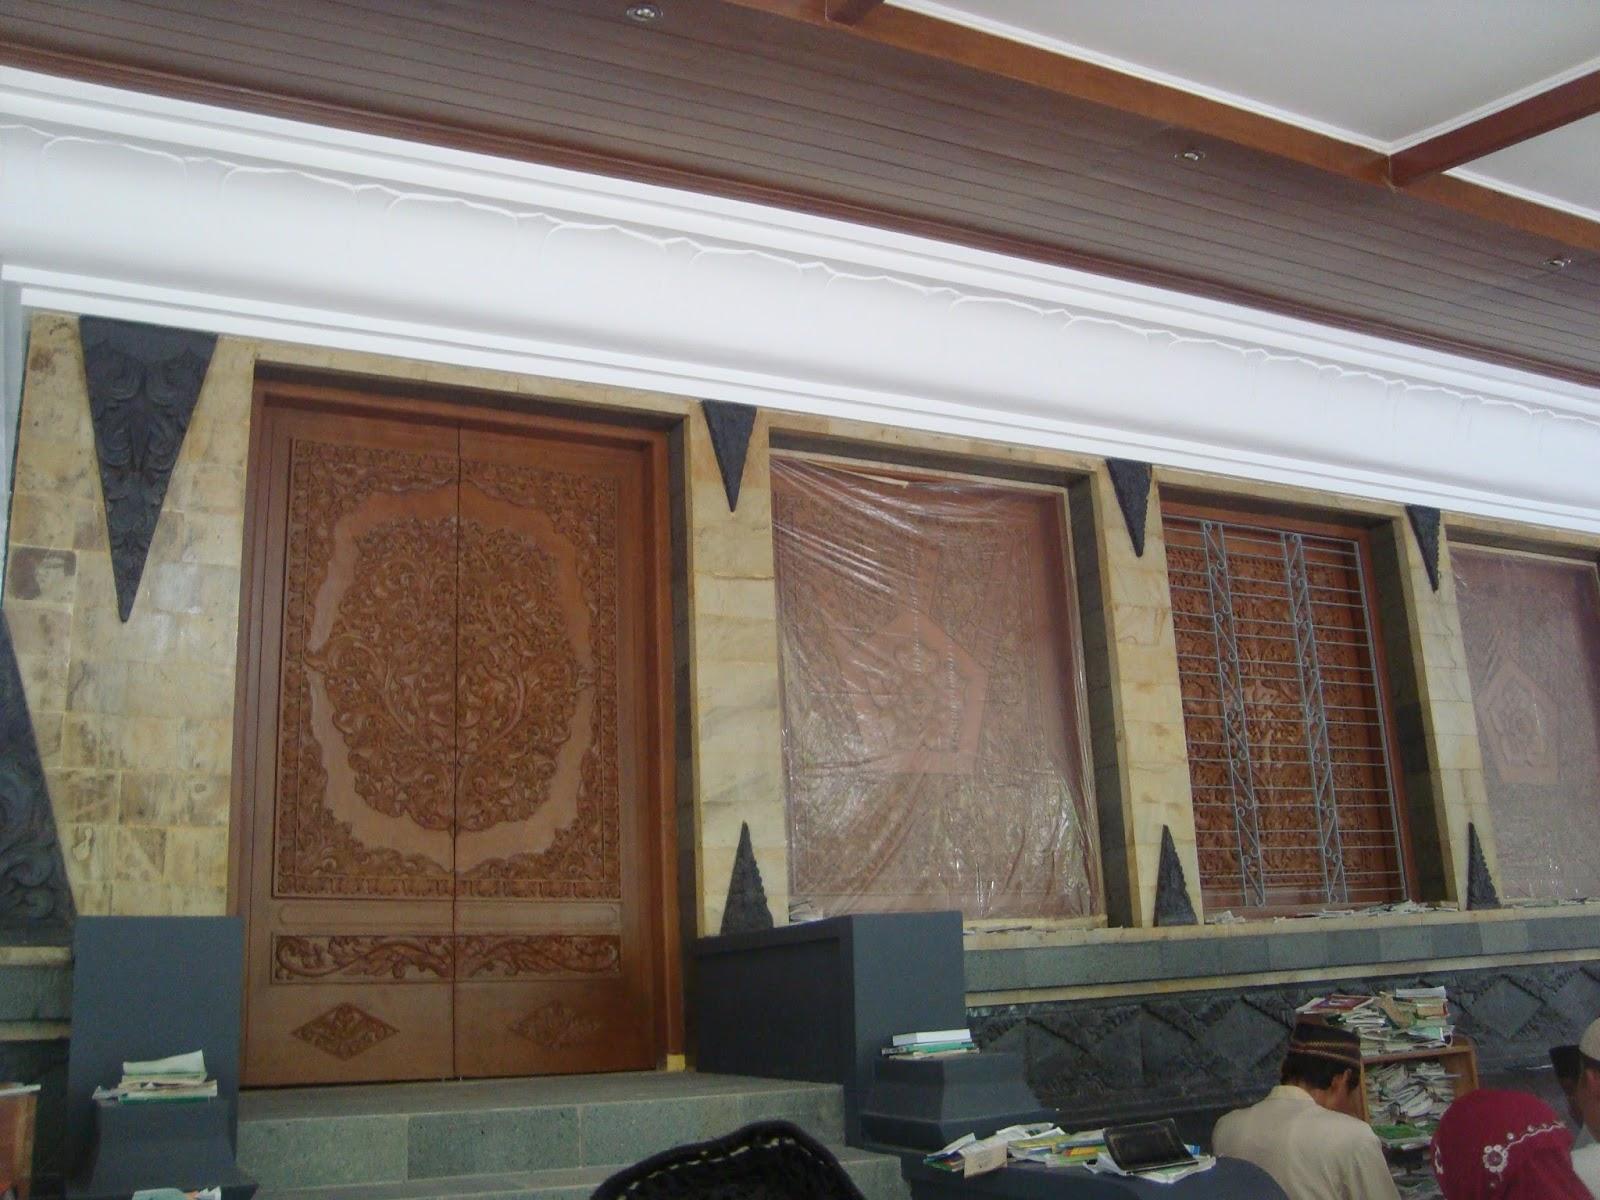 mki peta lokasi makam sunan kalijaga rh kuliyyatul blogspot com